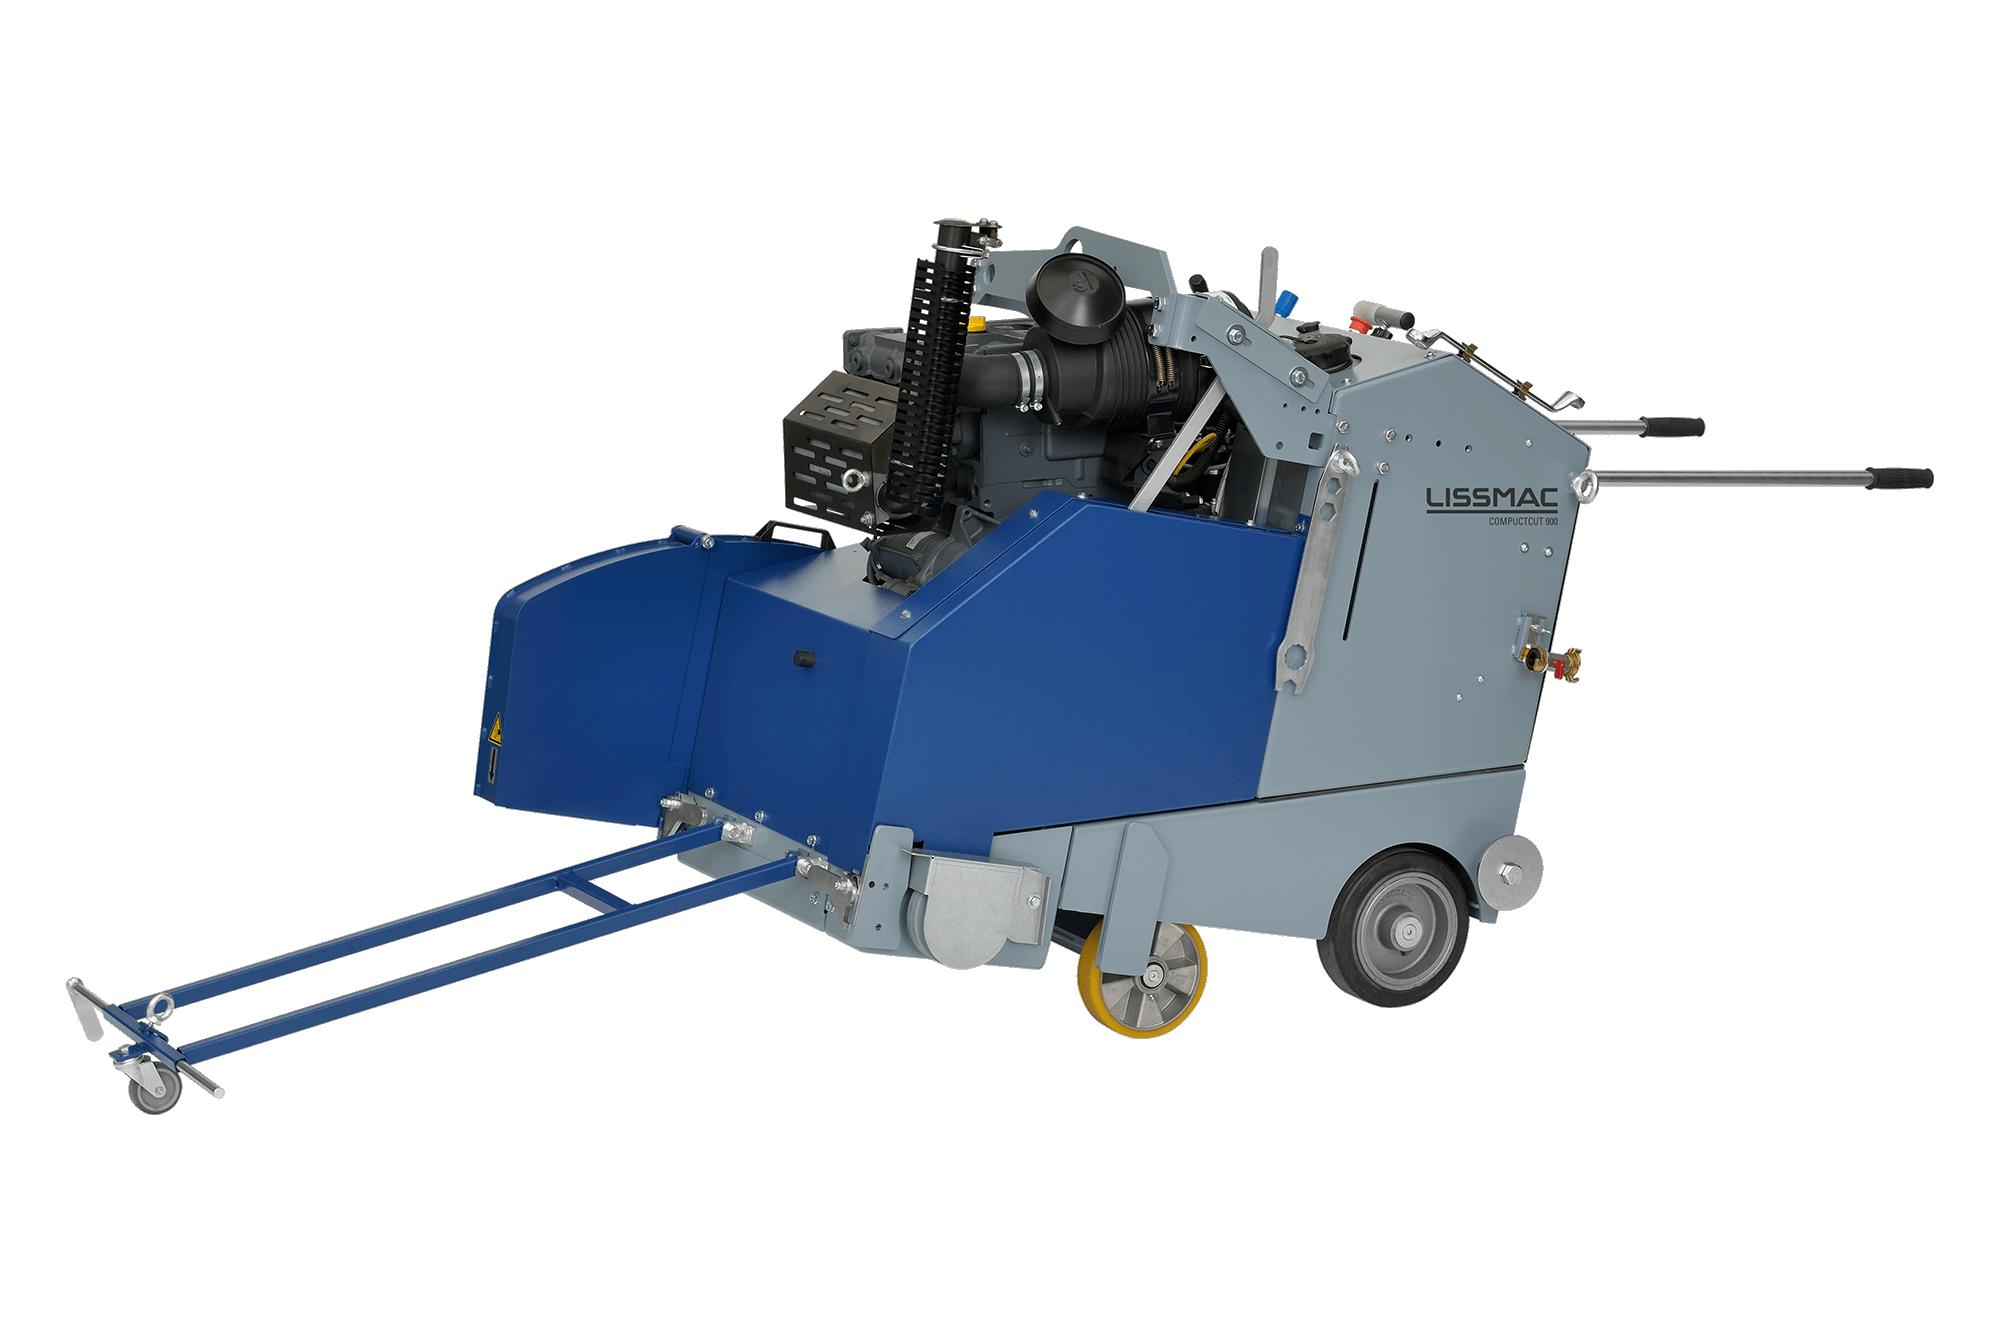 Masina de taiat asfalt/beton Compactcut 900 D LISSMAC